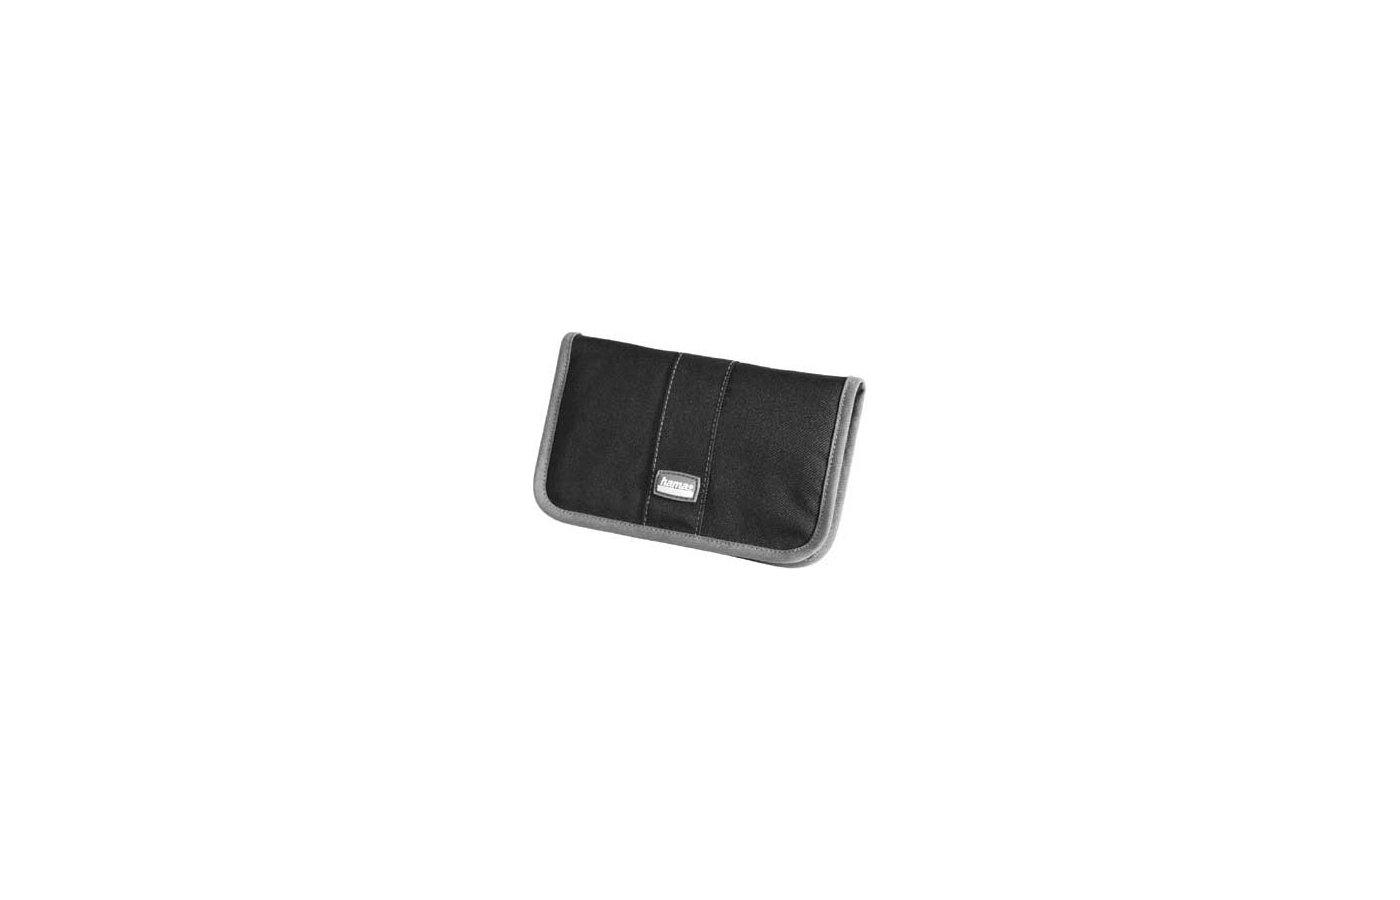 Кейс для жесткого диска Hama H-49917 для карт памяти Maxi до 20 карт